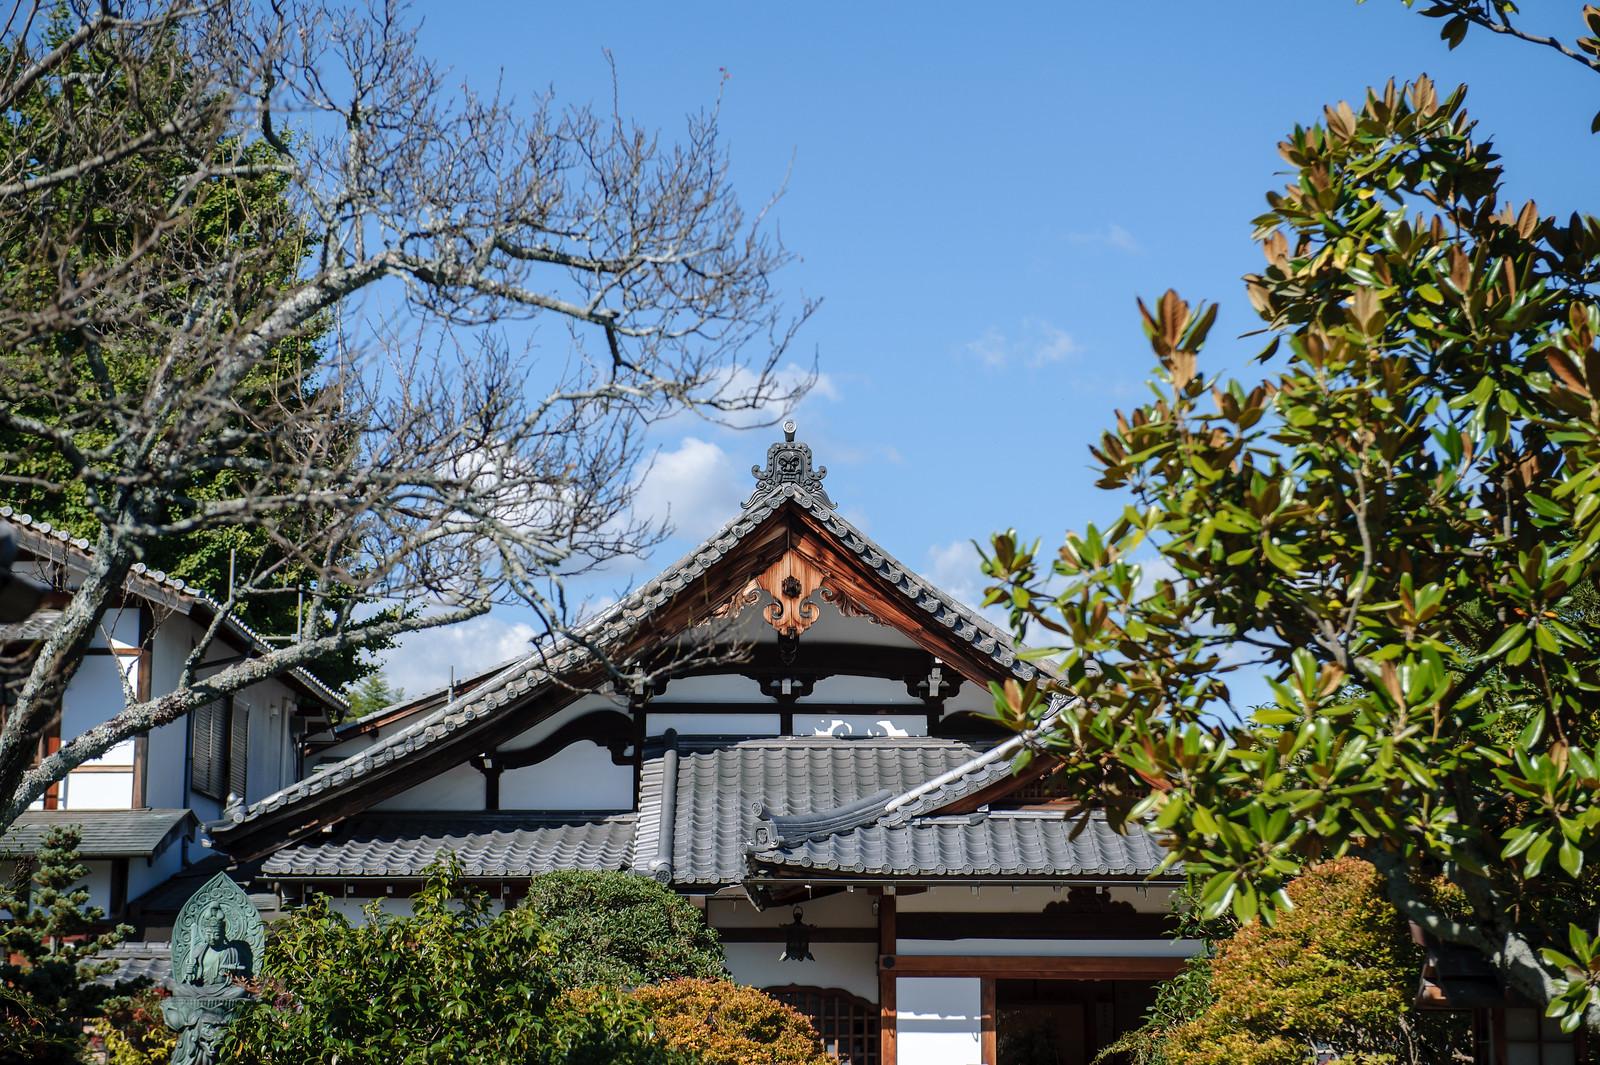 2015VQ@Kyoto-363